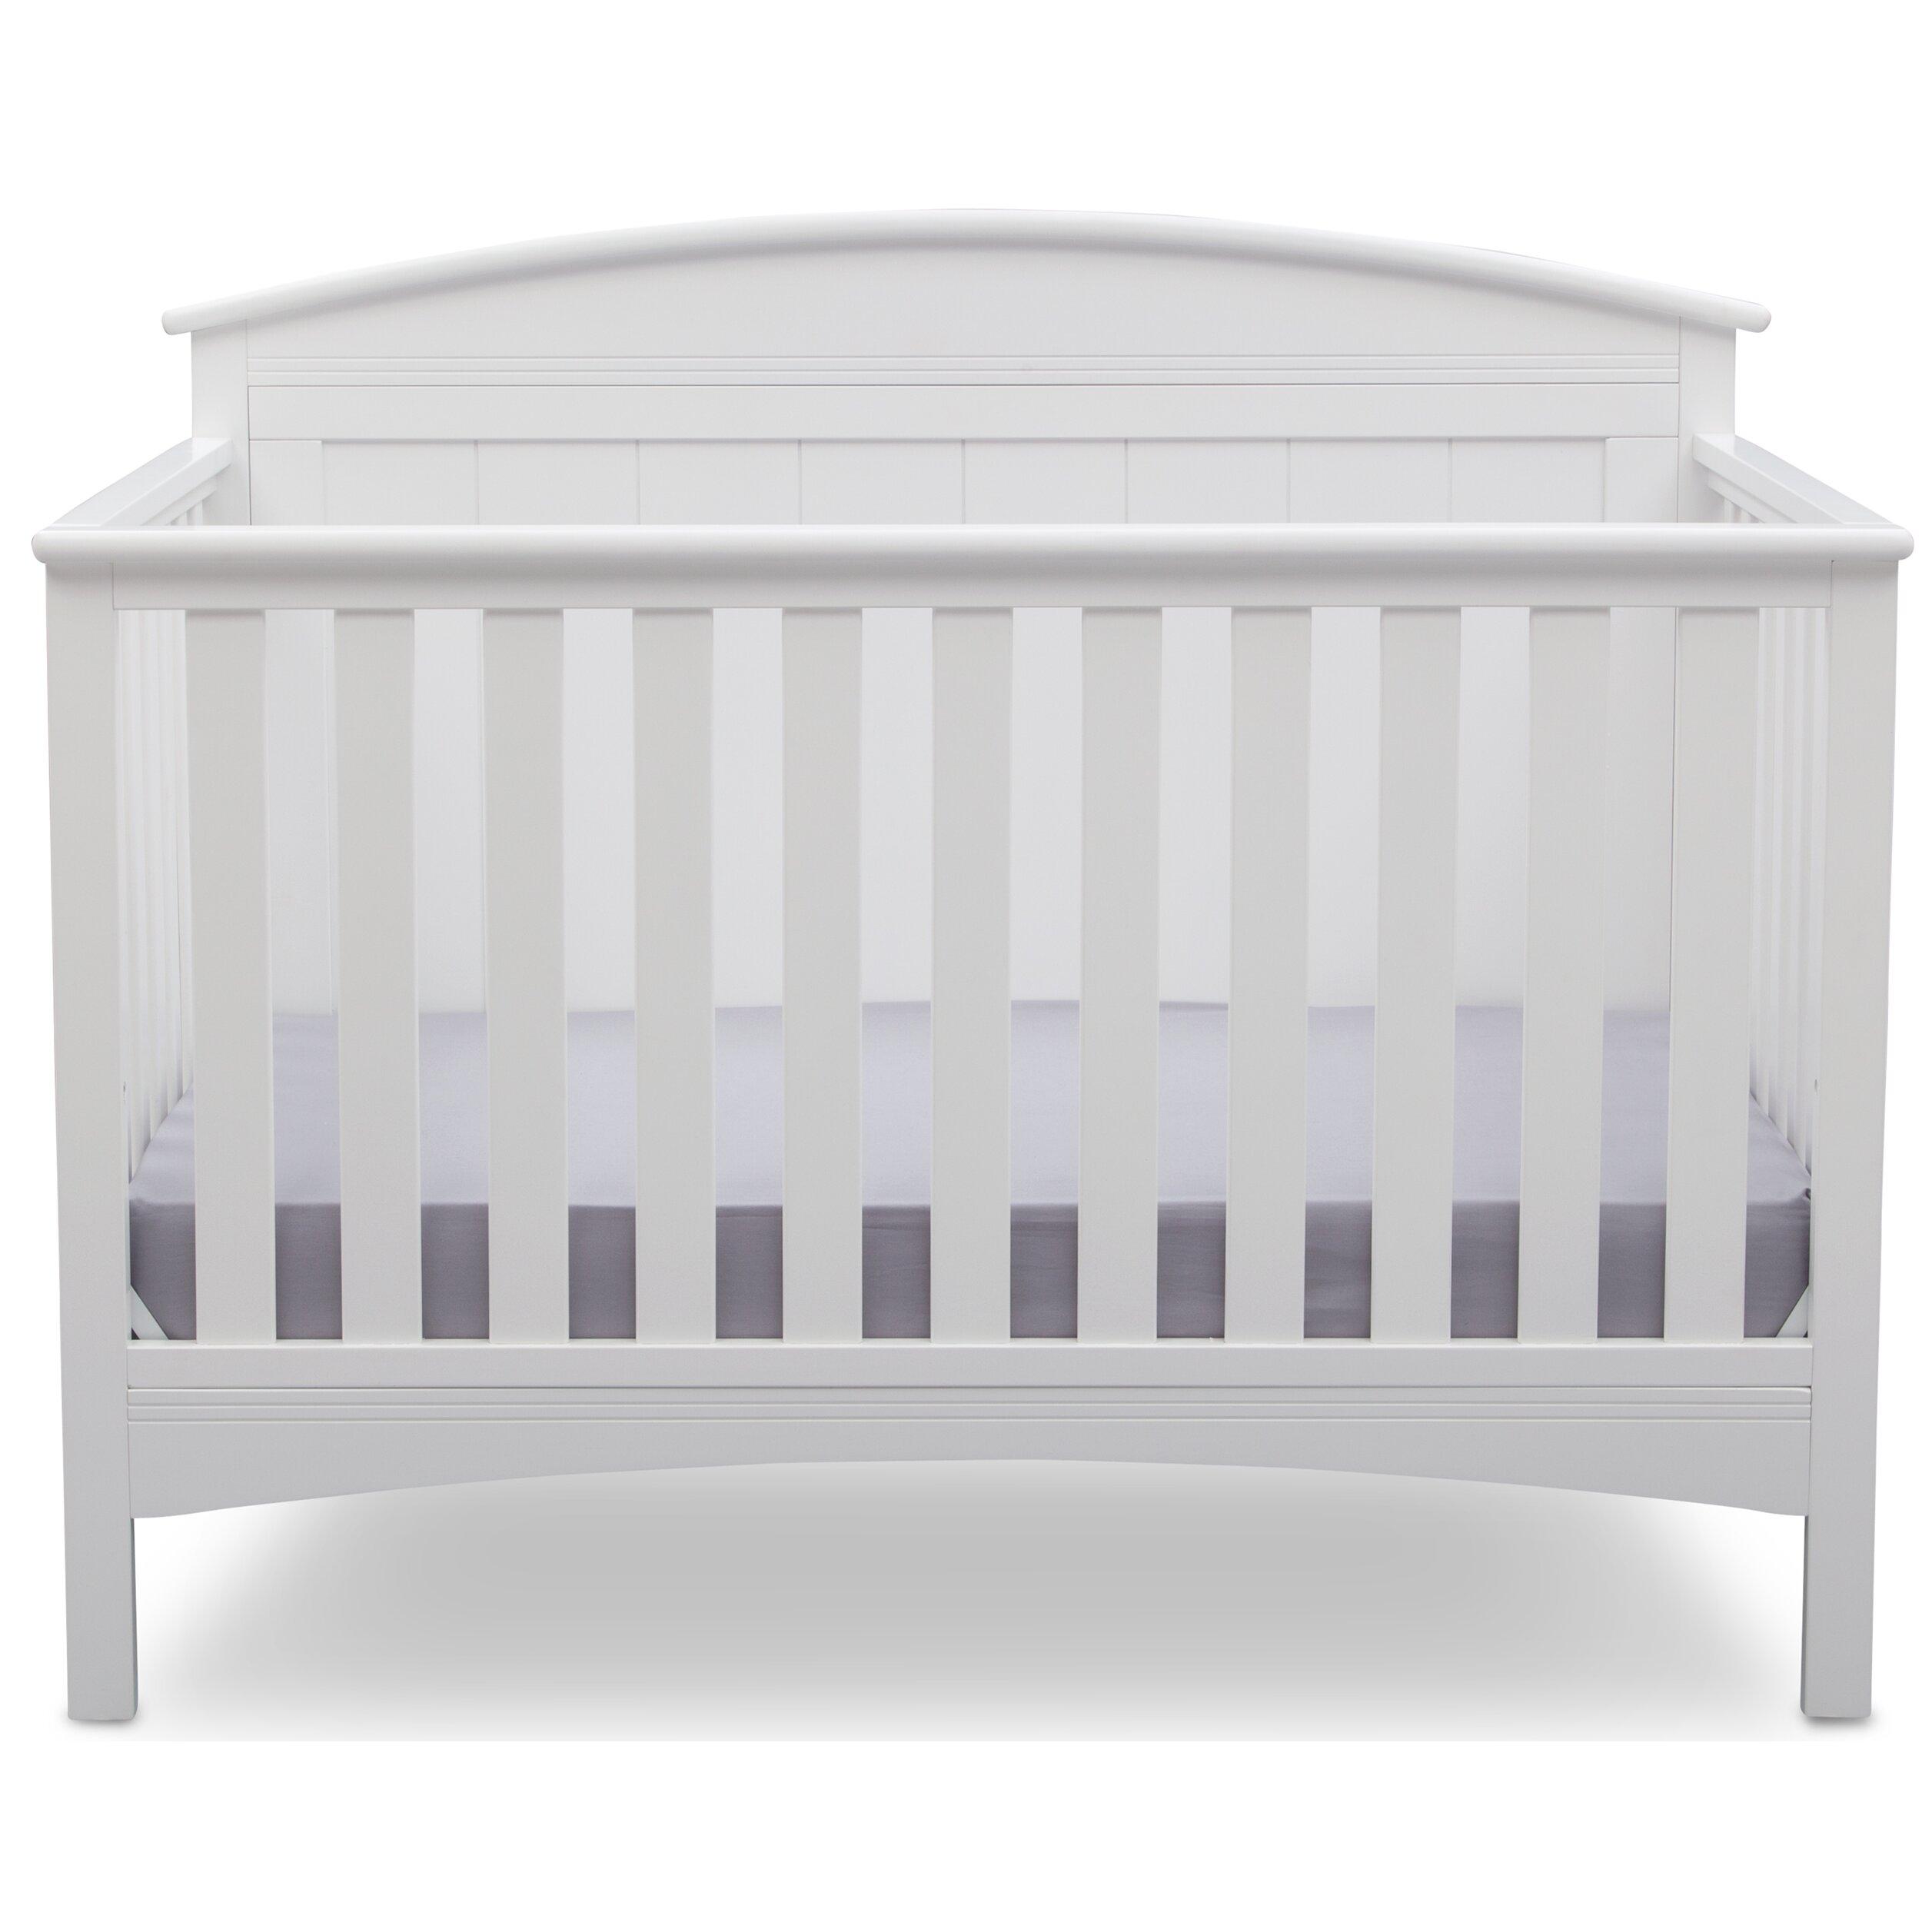 Crib for sale louisville ky - Delta Children Archer 4 In 1 Convertible Crib